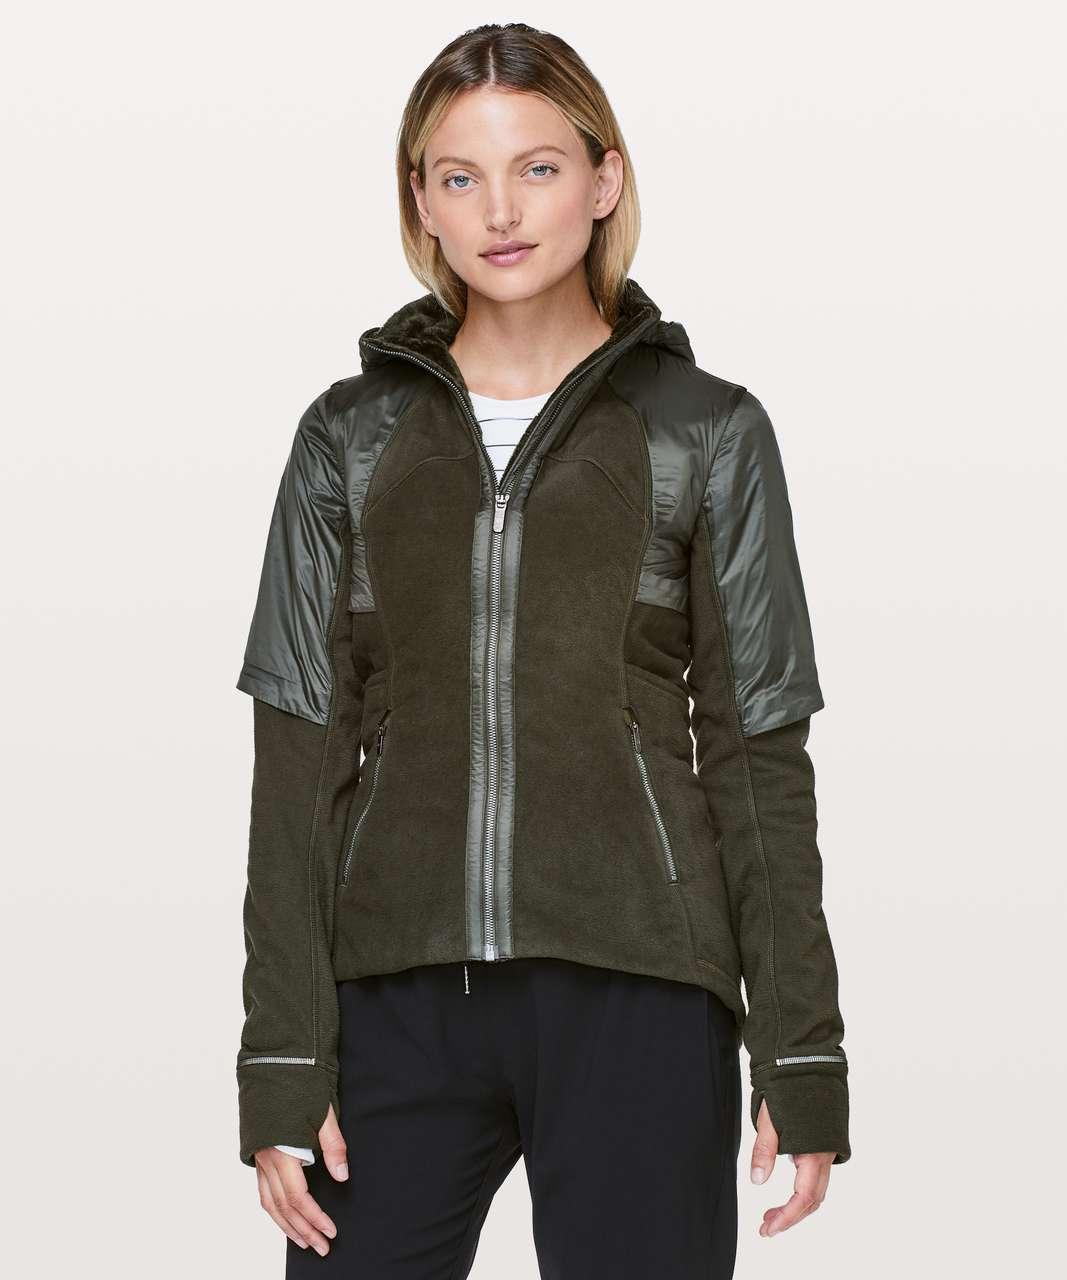 Lululemon Fleece Of Mind Jacket - Dark Olive